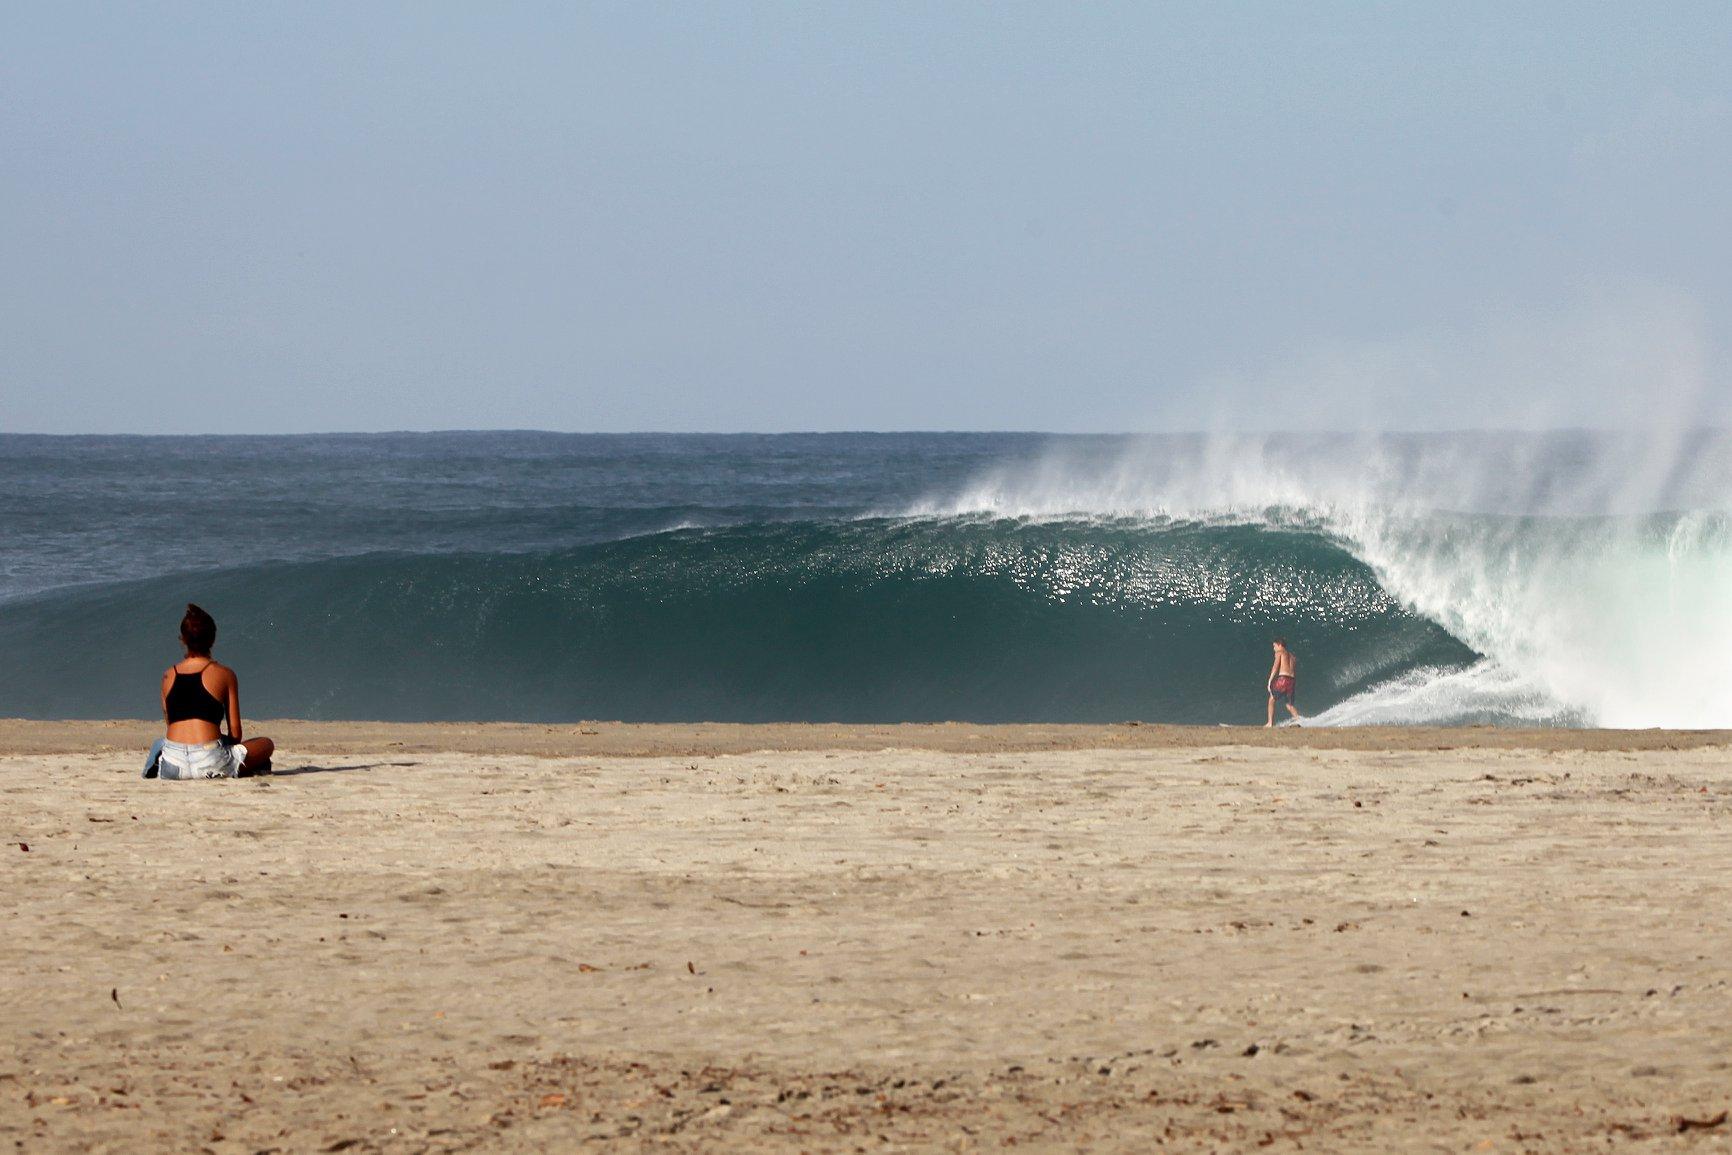 Am Sonntag steigt ein XL-Barrelfest in Puerto Escondido